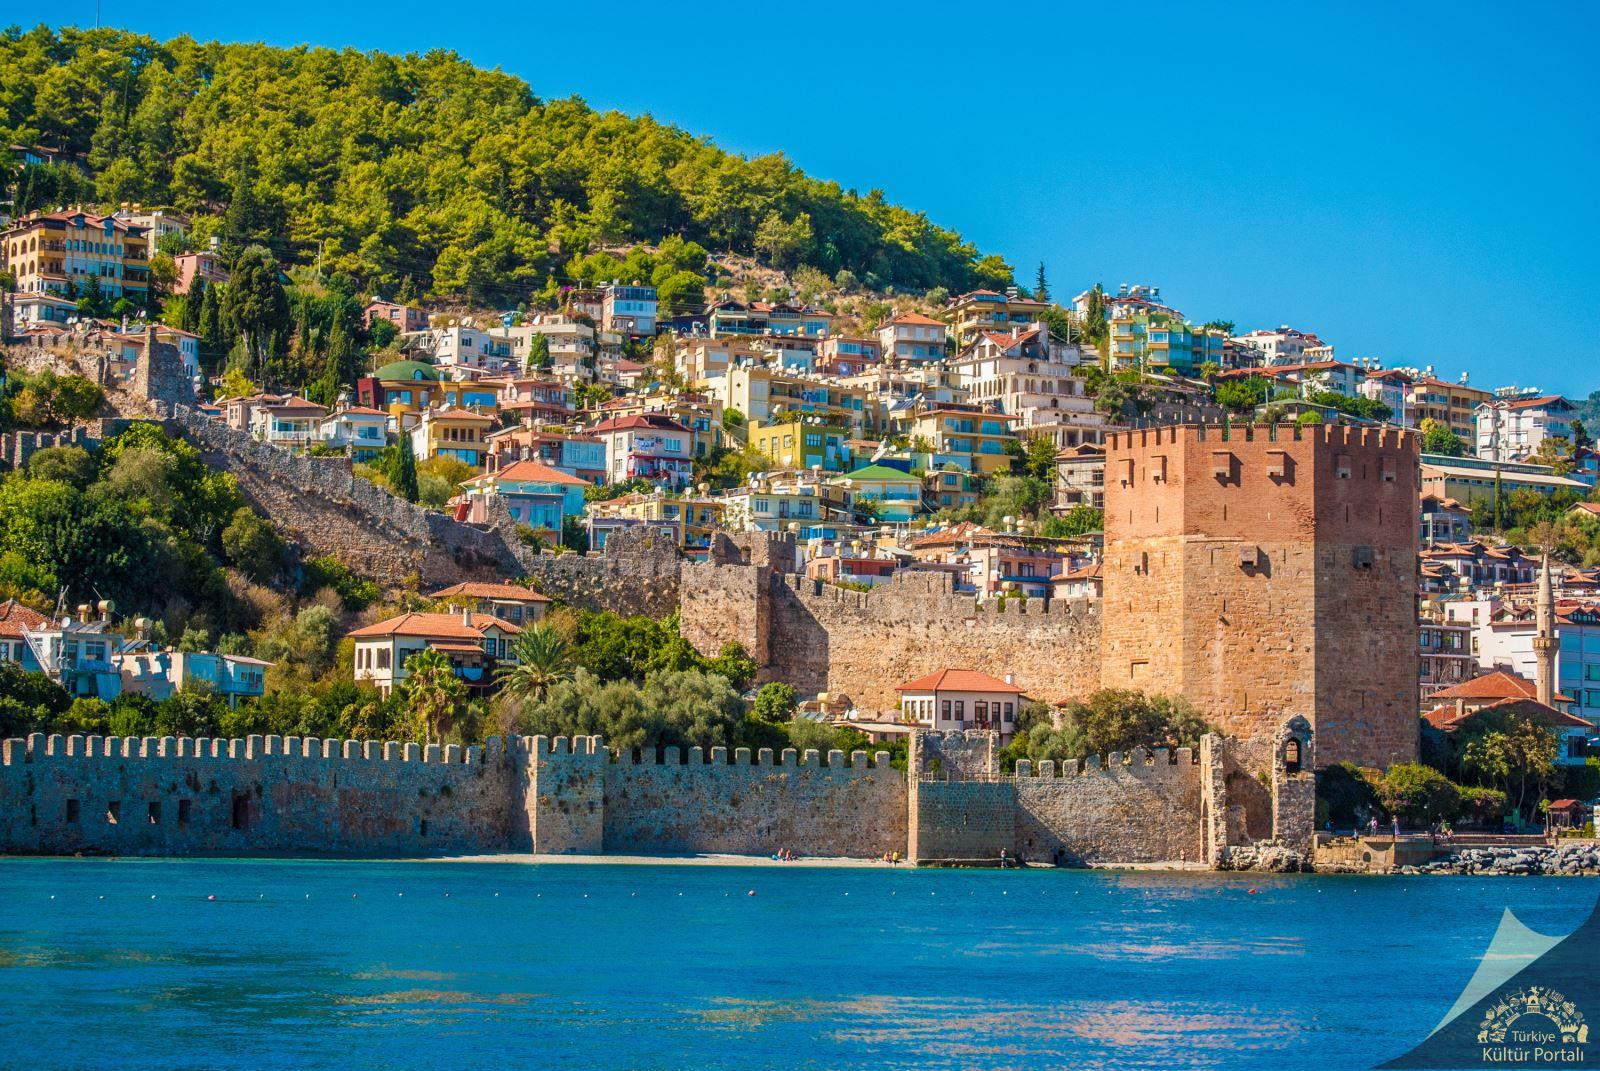 Türkiye'nin en görkemli kaleleri Alanya Kalesi